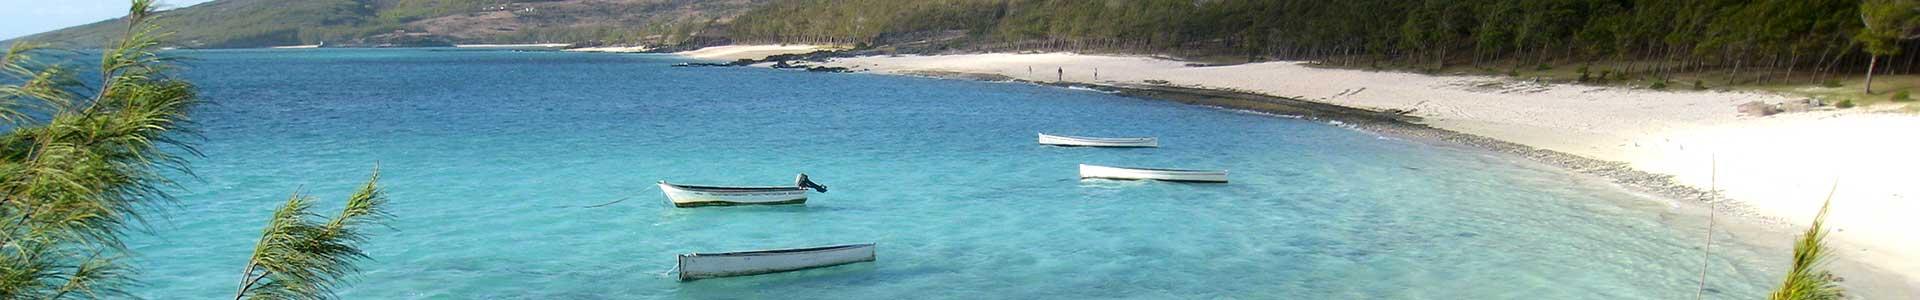 Voyage Rodrigues - TUI